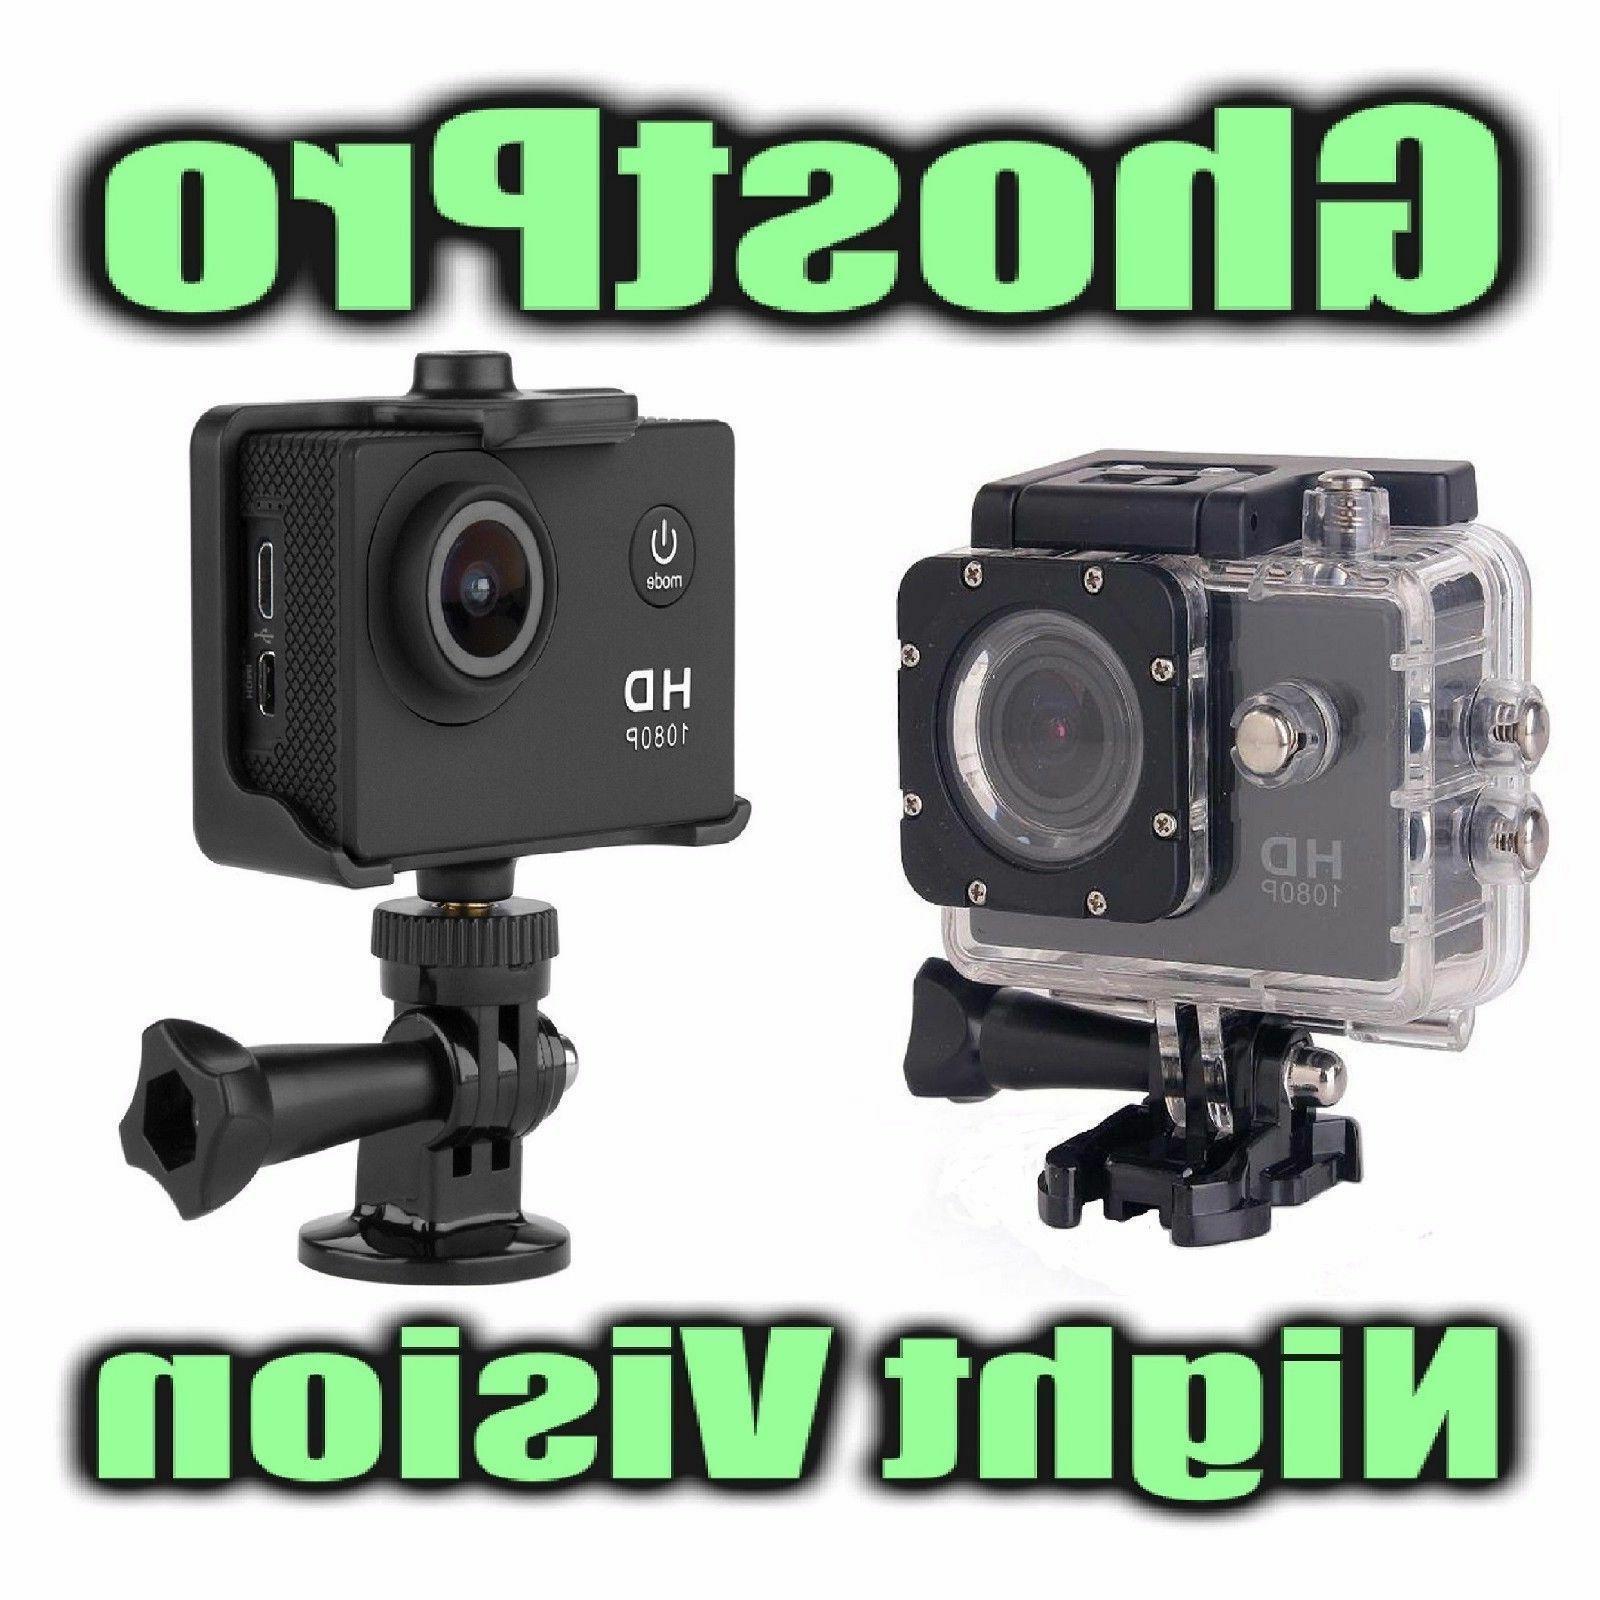 Ghost Hunting Full Spectrum Night Vision GhostPro Waterproof